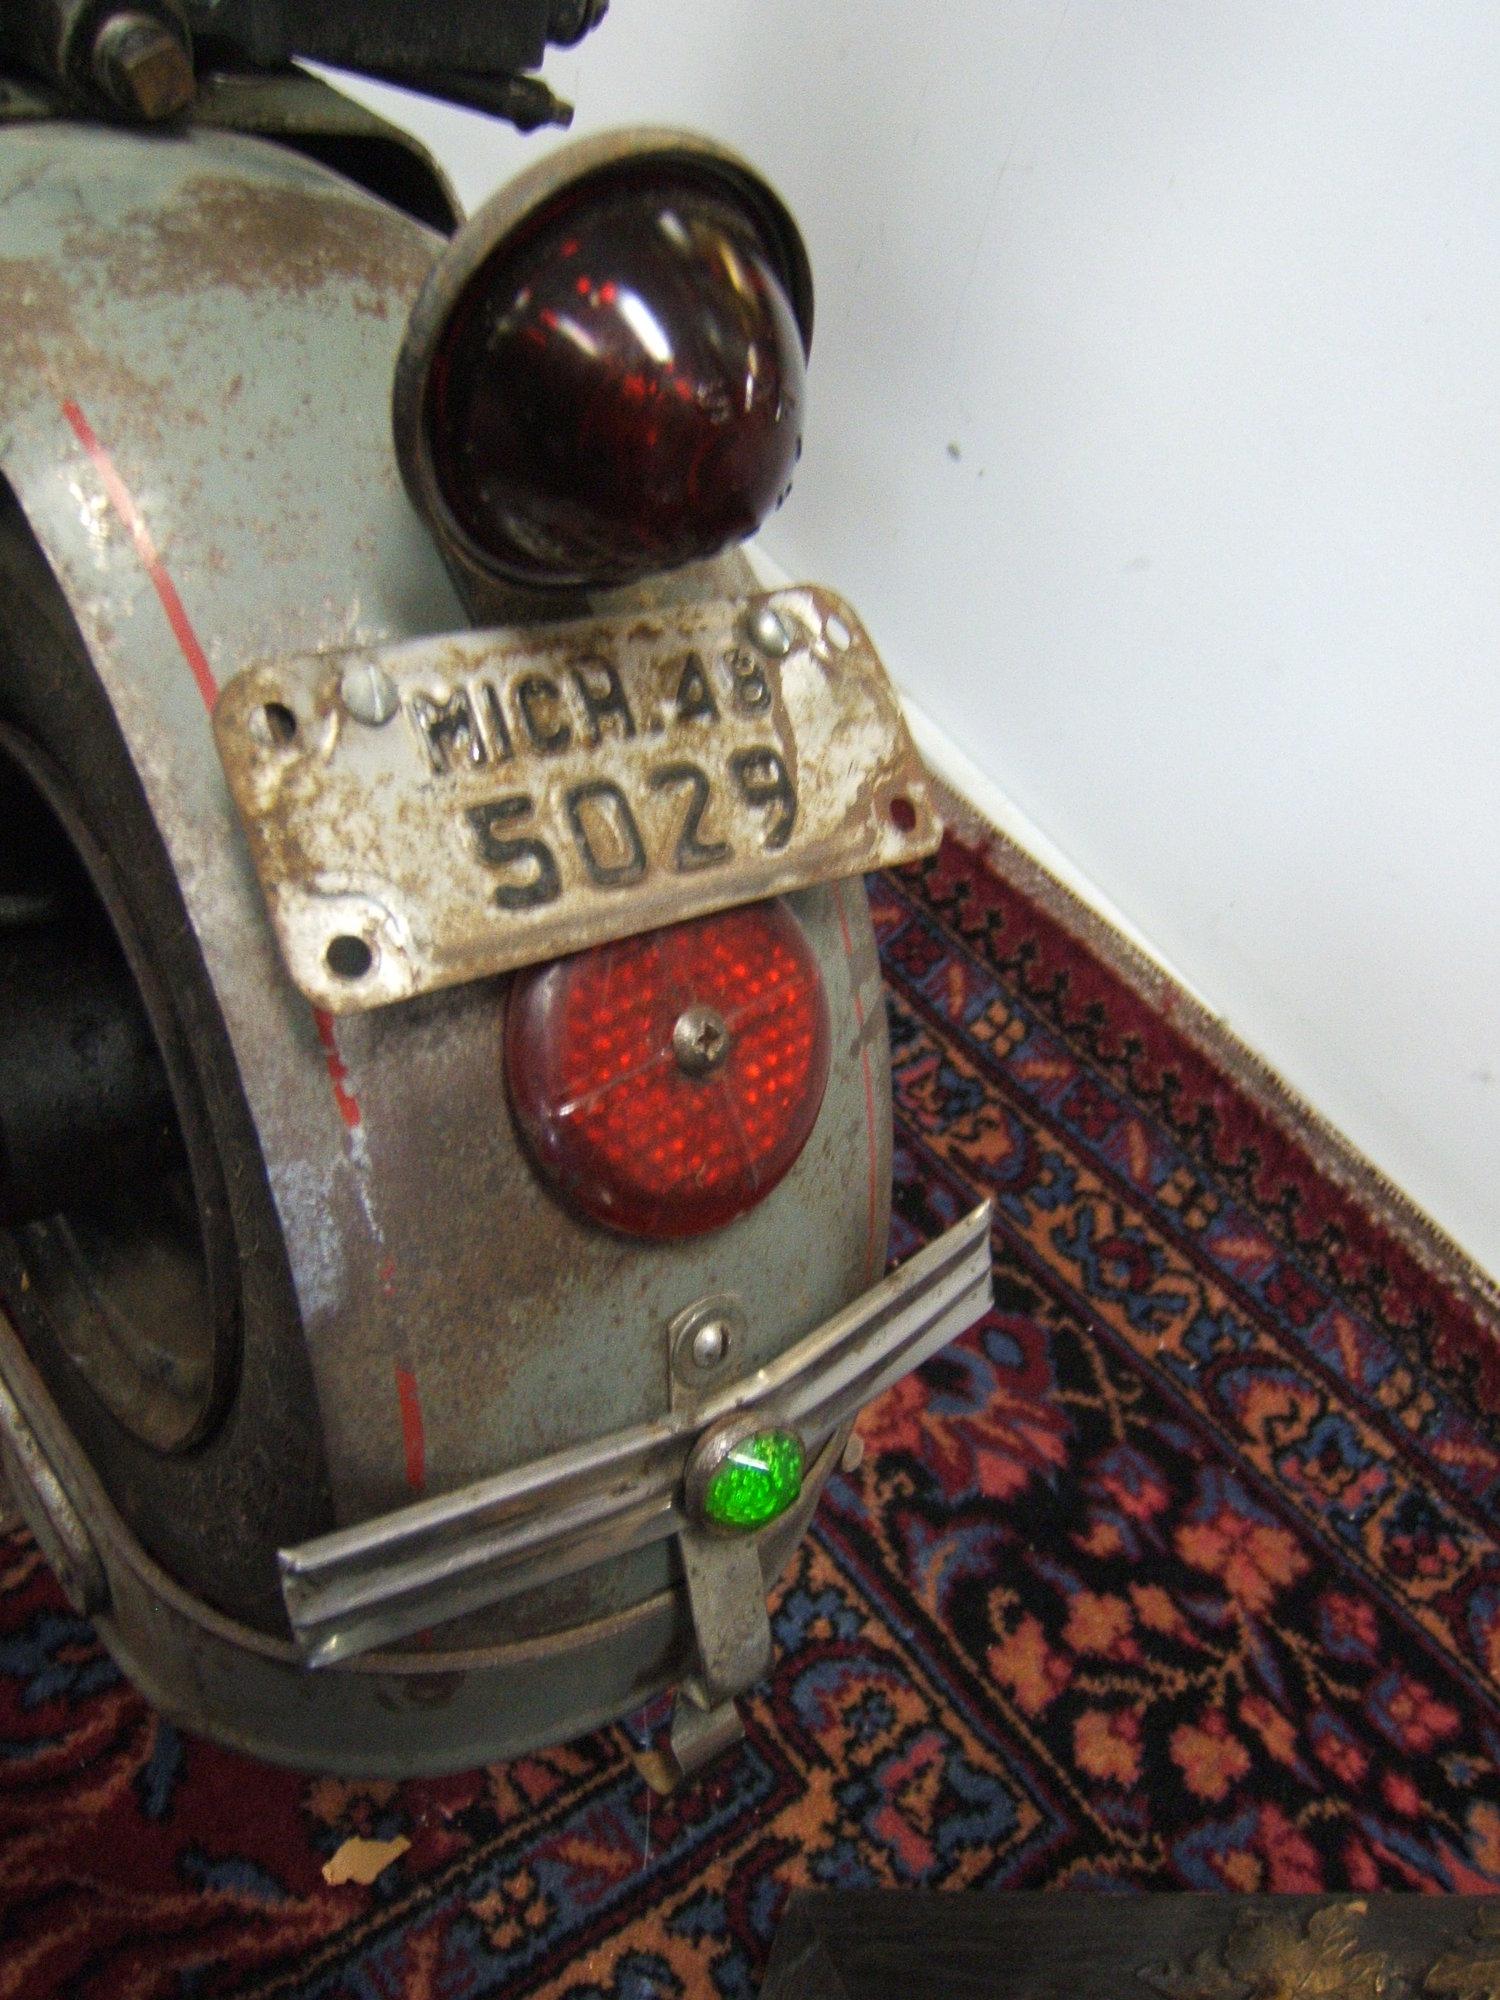 DSCF9974.JPG